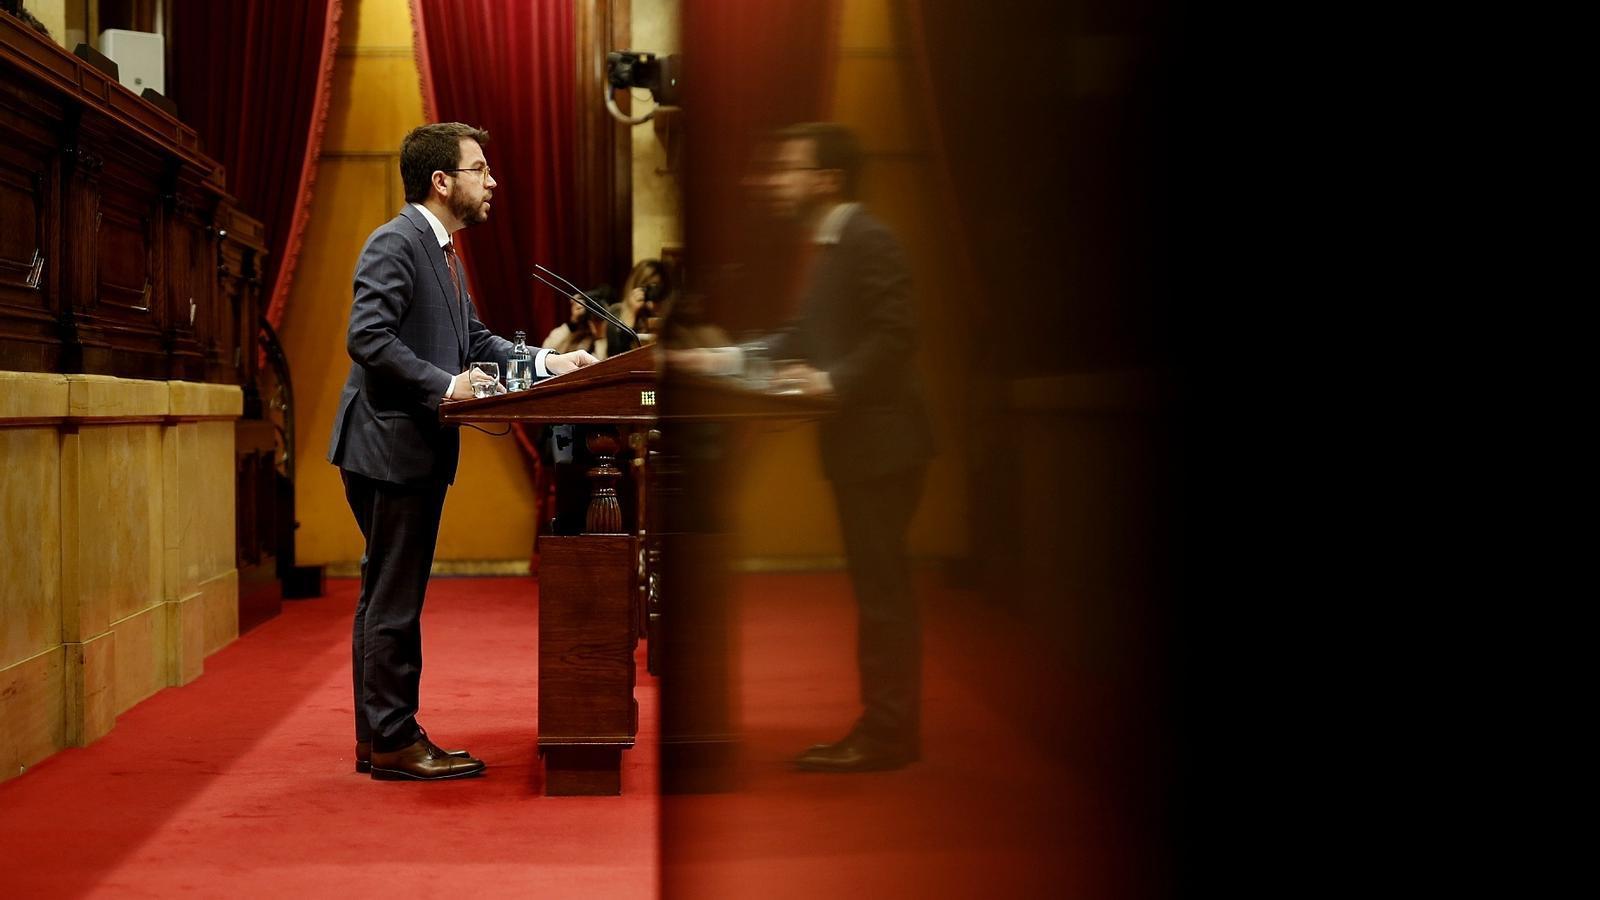 """Aragonès ja contempla un """"pas enrere"""" en la desescalada: """"No anem gens bé"""""""